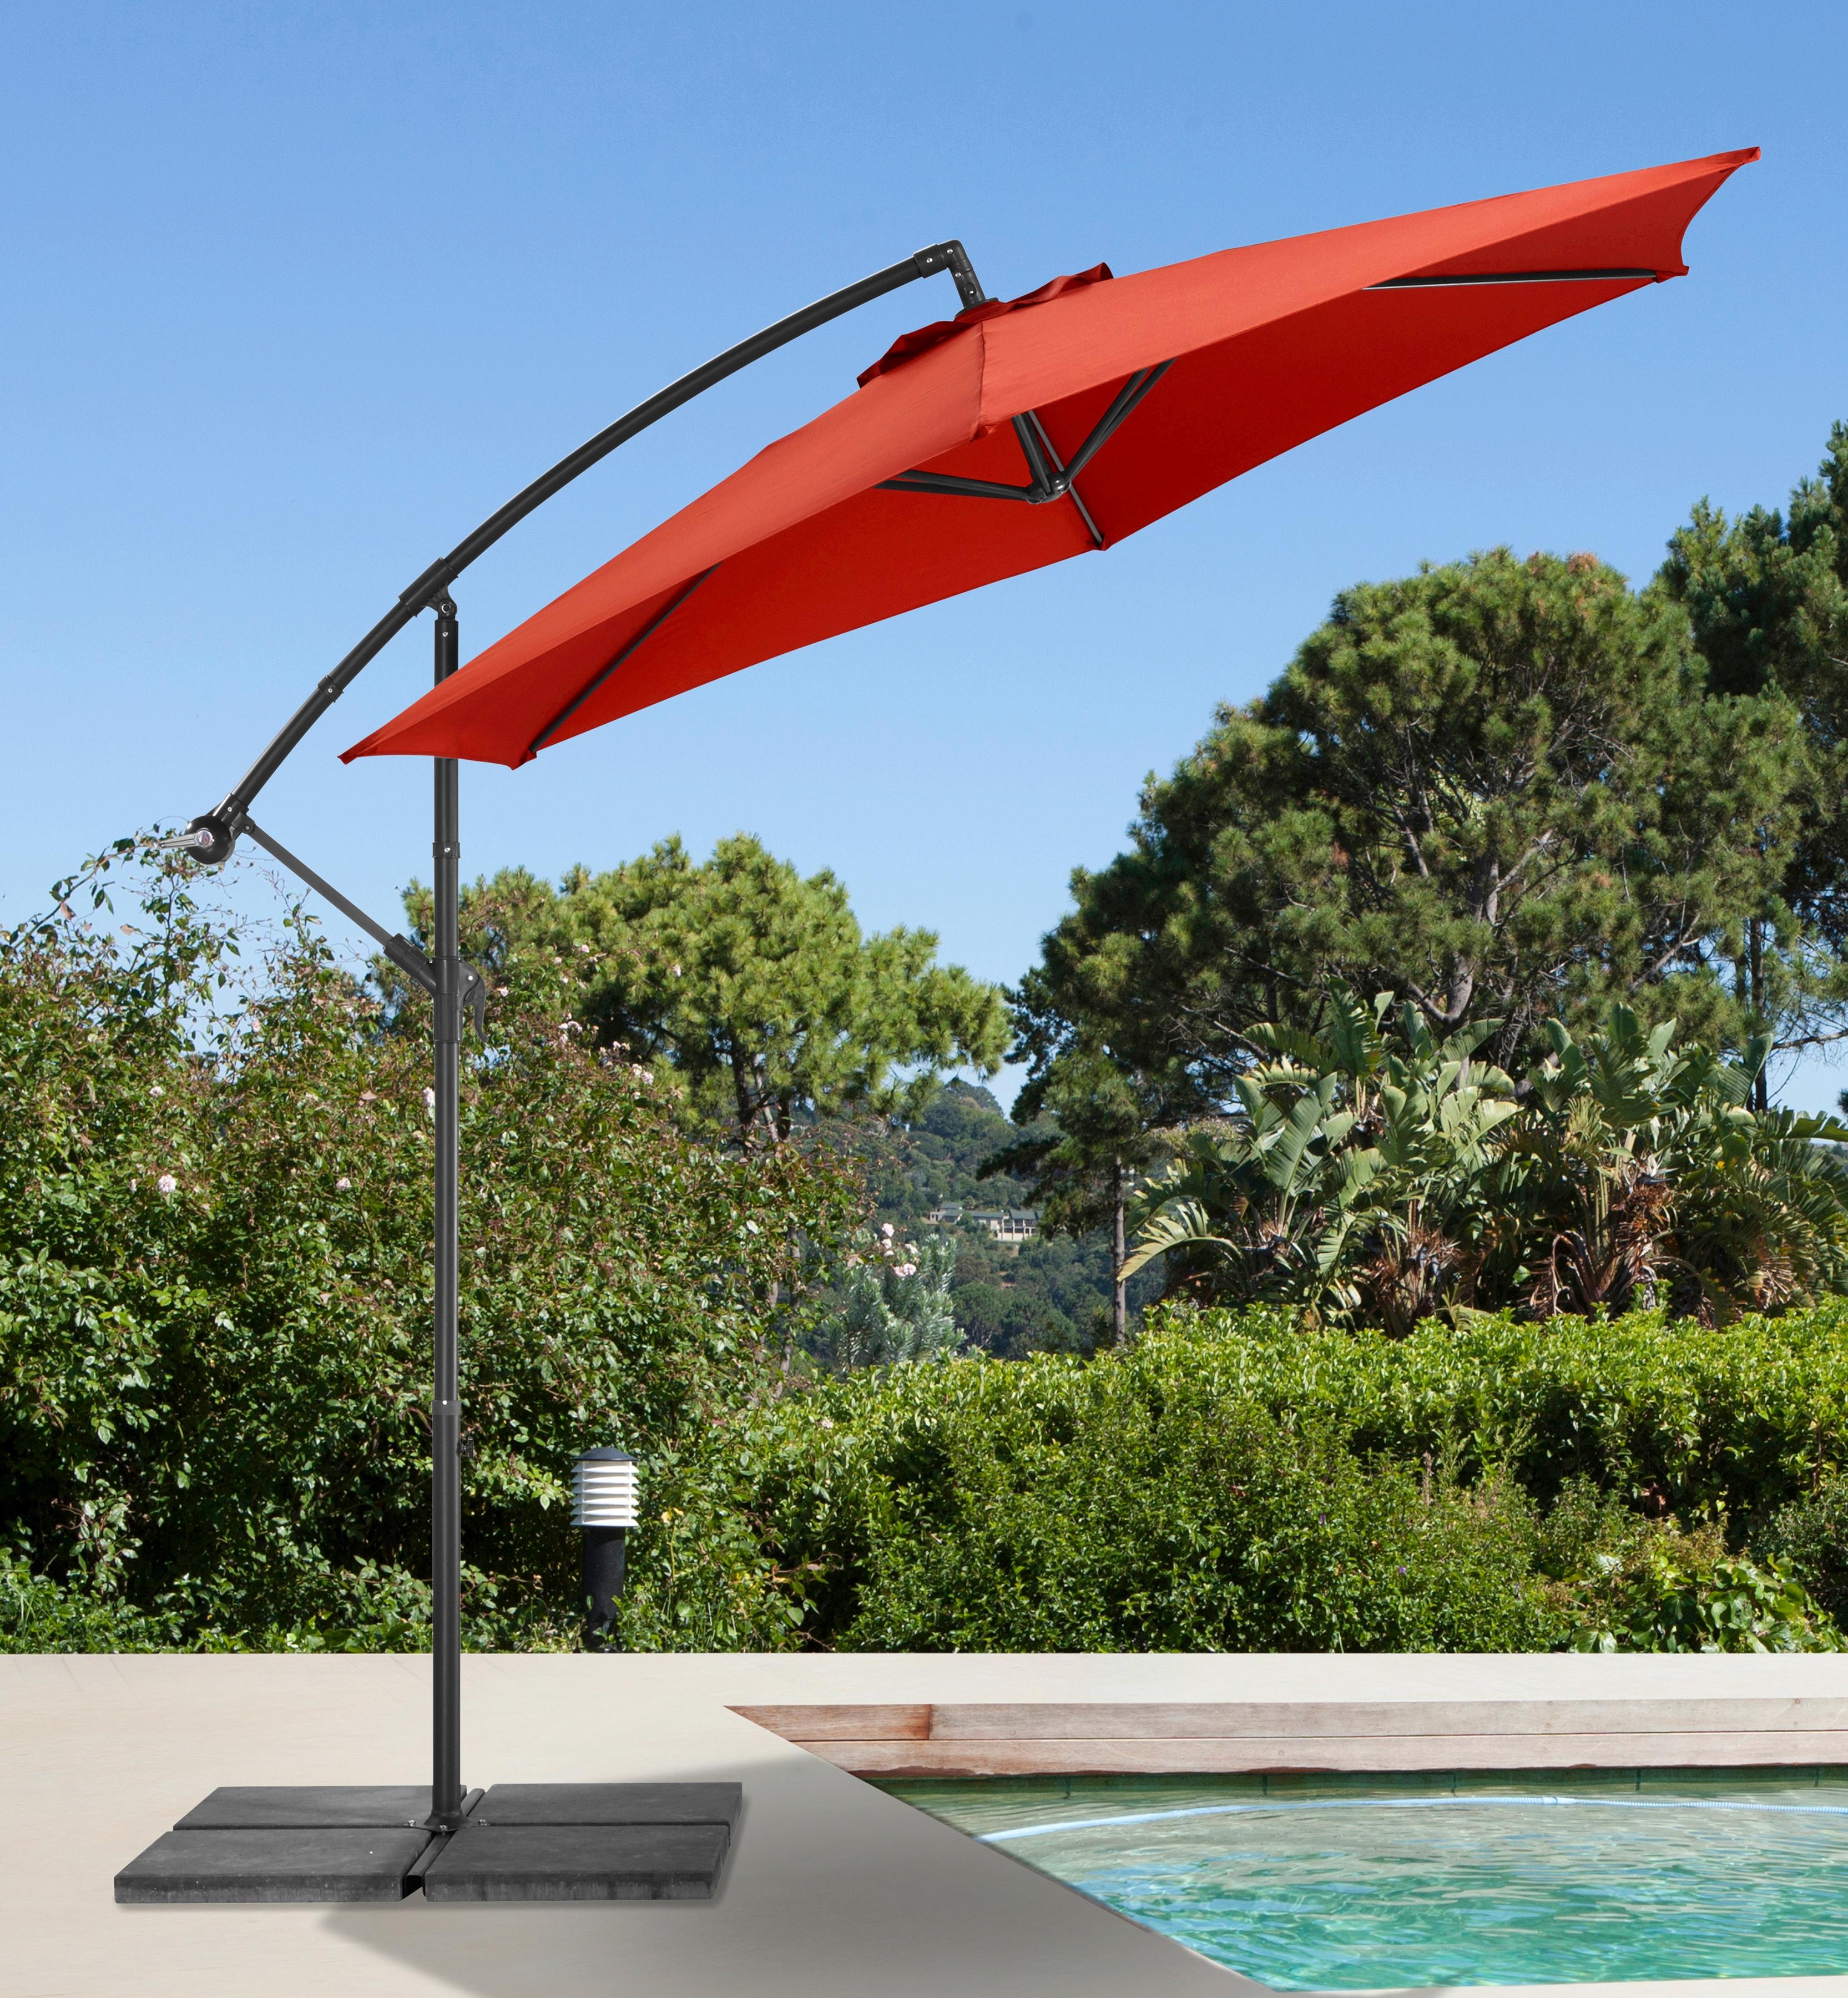 garten gut Ampelschirm Sunshine, abknickbar, mit Schirmstände rot Sonnenschirme -segel Gartenmöbel Gartendeko